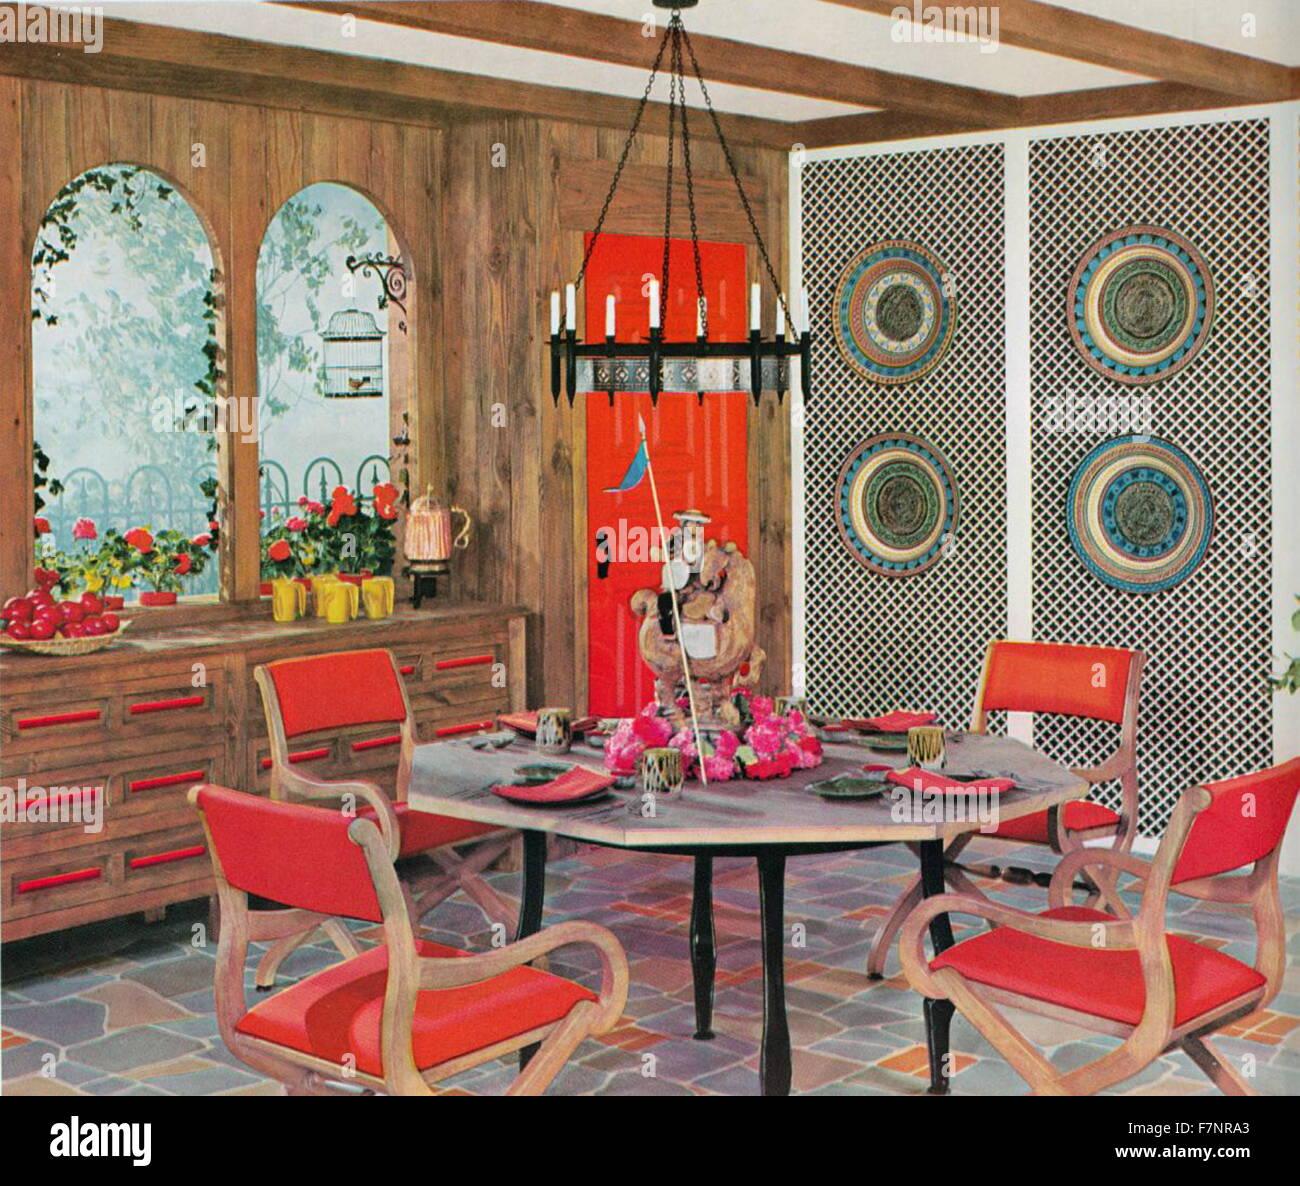 Ilustração retratando um Retro área de jantar do Amstrong Livro de decoração de interiores. Imagens de Stock